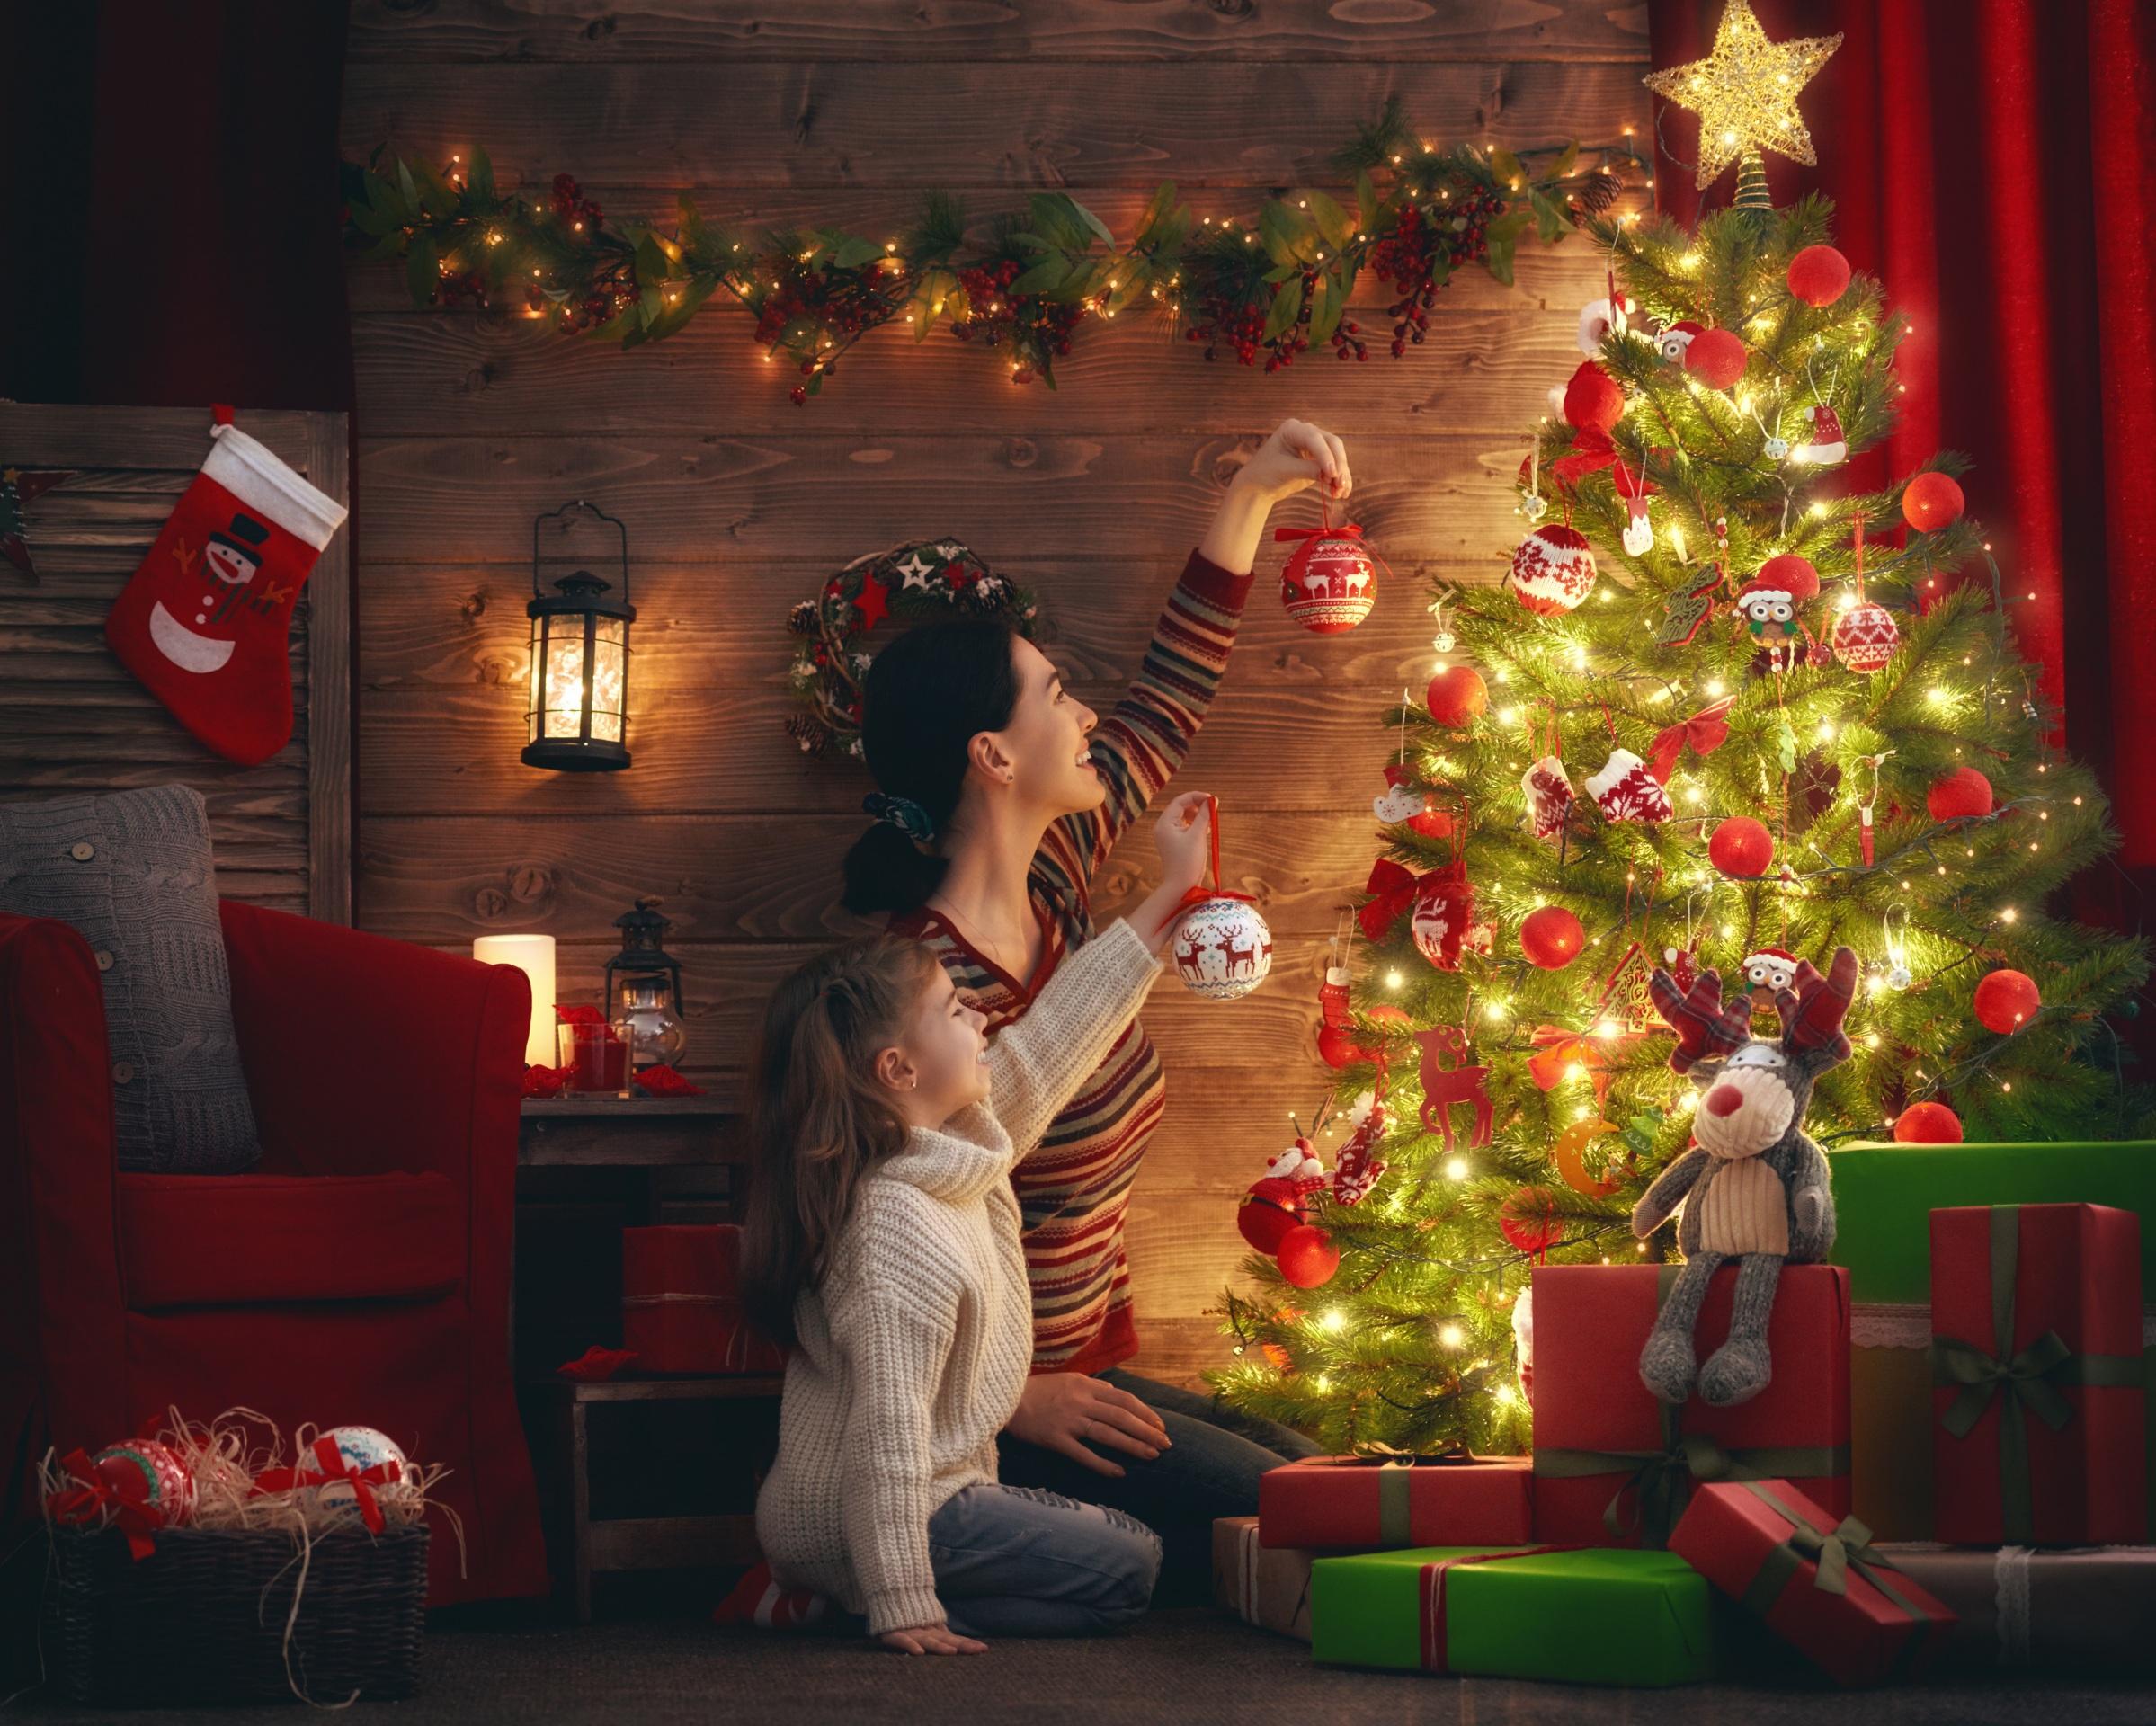 Christmas Lights Christmas Ornaments Christmas Tree Gift Girl Little Girl Woman 2398x1920